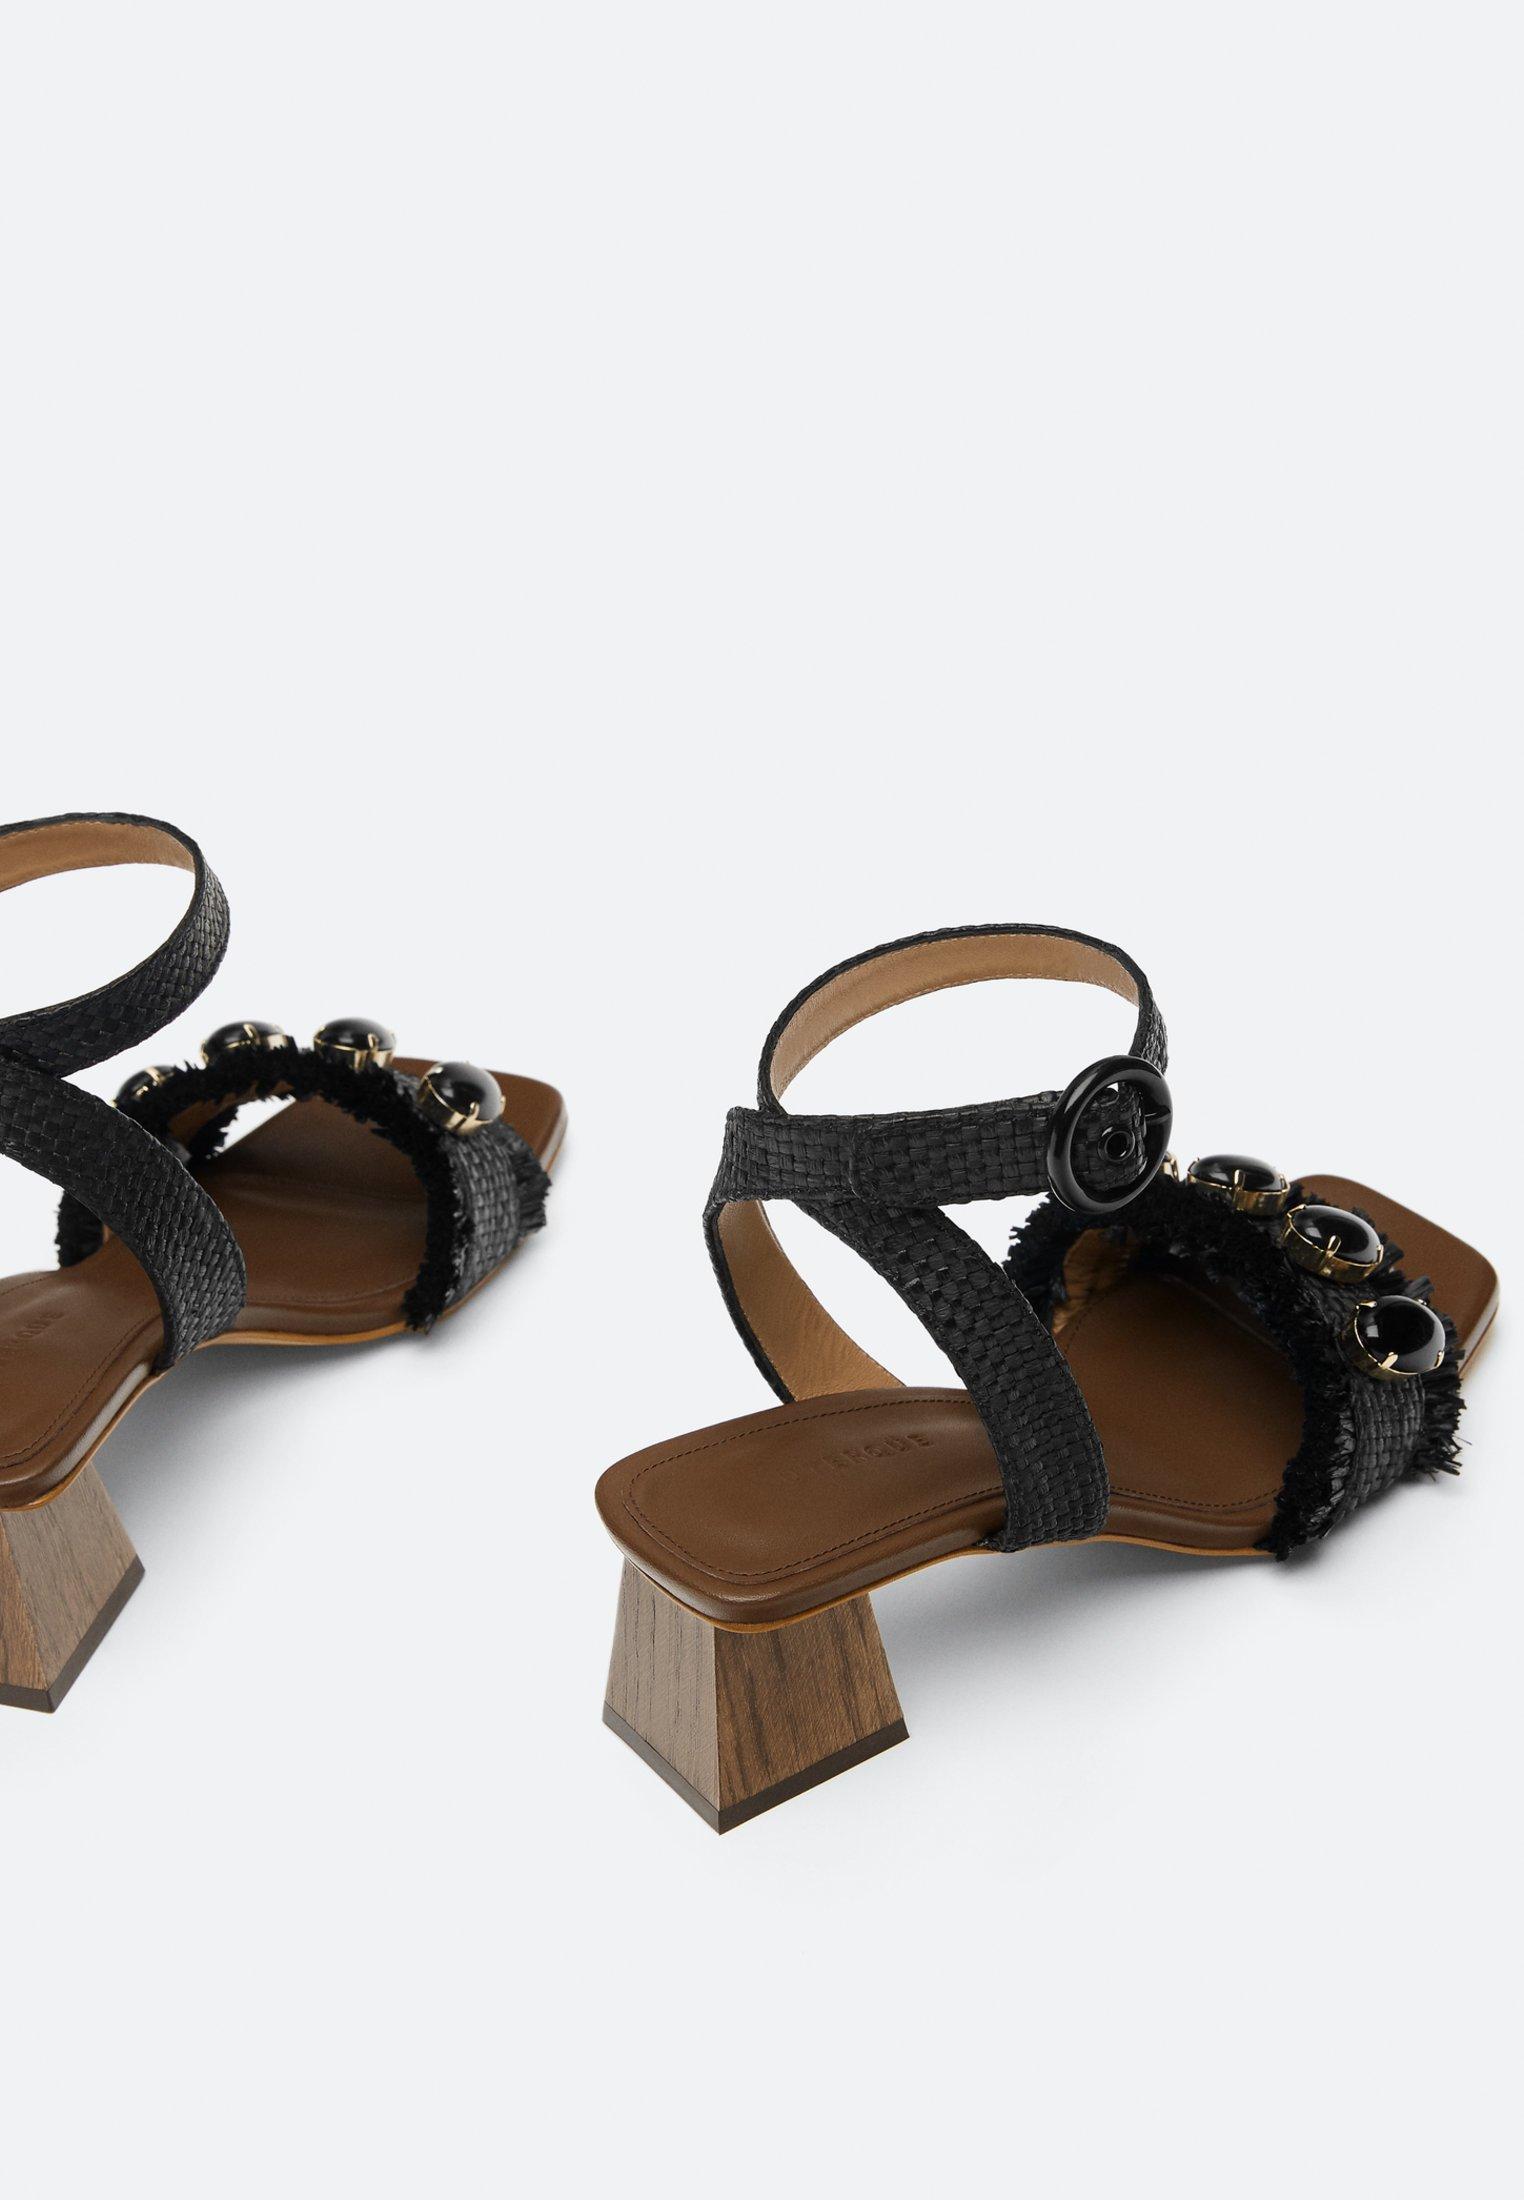 Uterqüe Raphia-sandalen Mit Schmucksteinen 15525580 - Sandalen Met Enkelbandjes Black Goedkope Schoenen